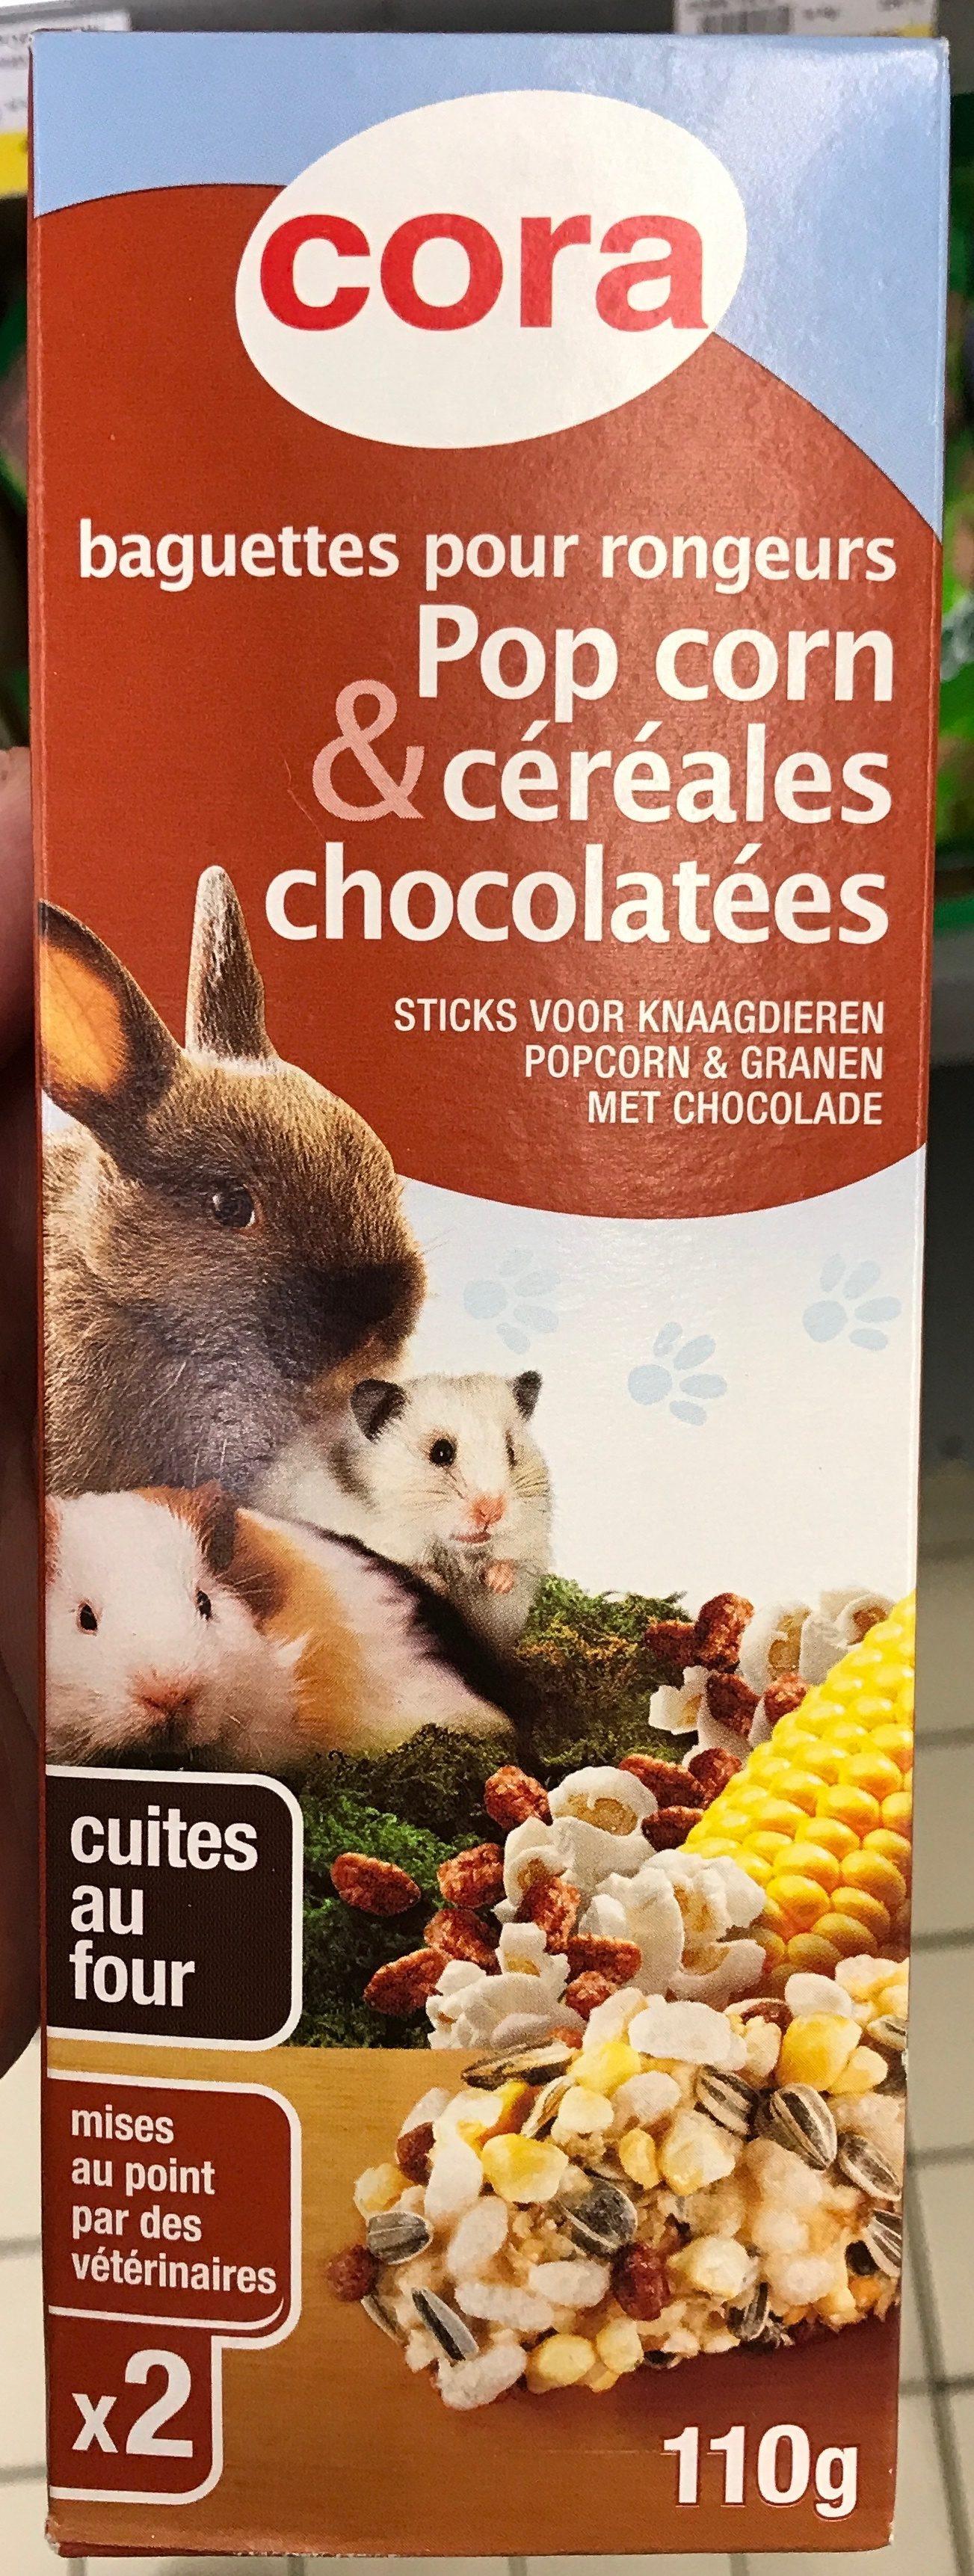 Baguettes pour rongeurs Pop Corn & Céréales chocolatées - Product